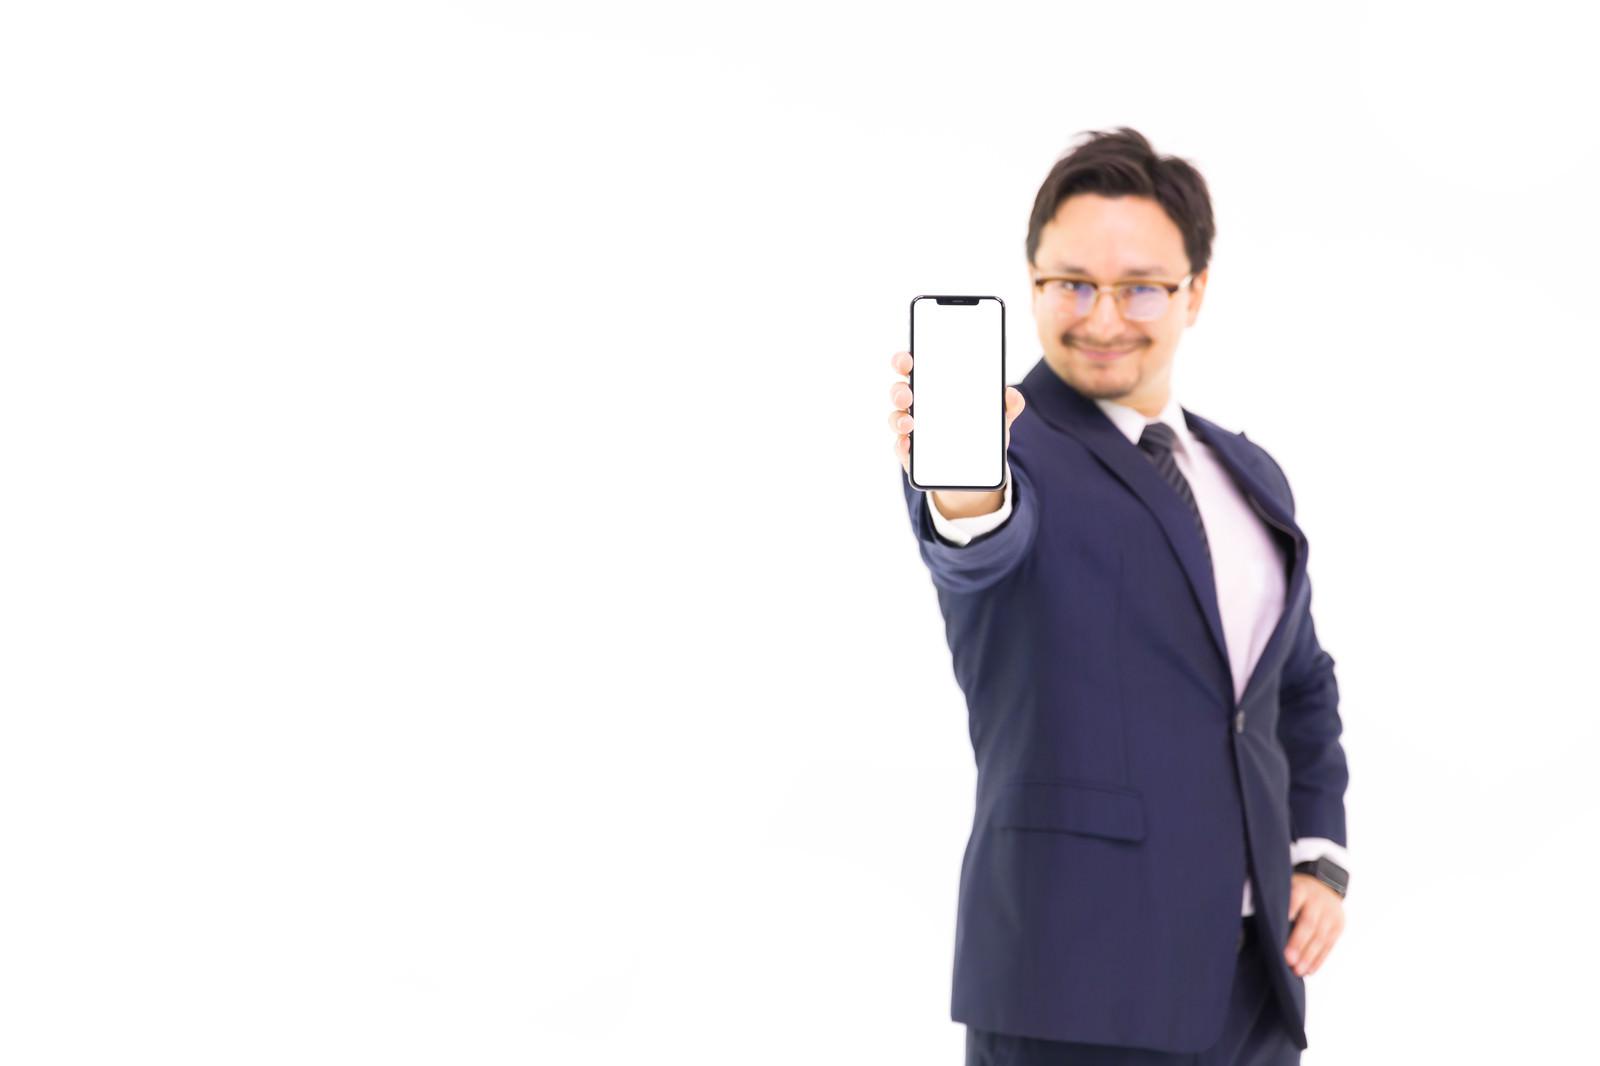 「これが iPhone XS Max の6.5インチディスプレイ」の写真[モデル:Max_Ezaki]